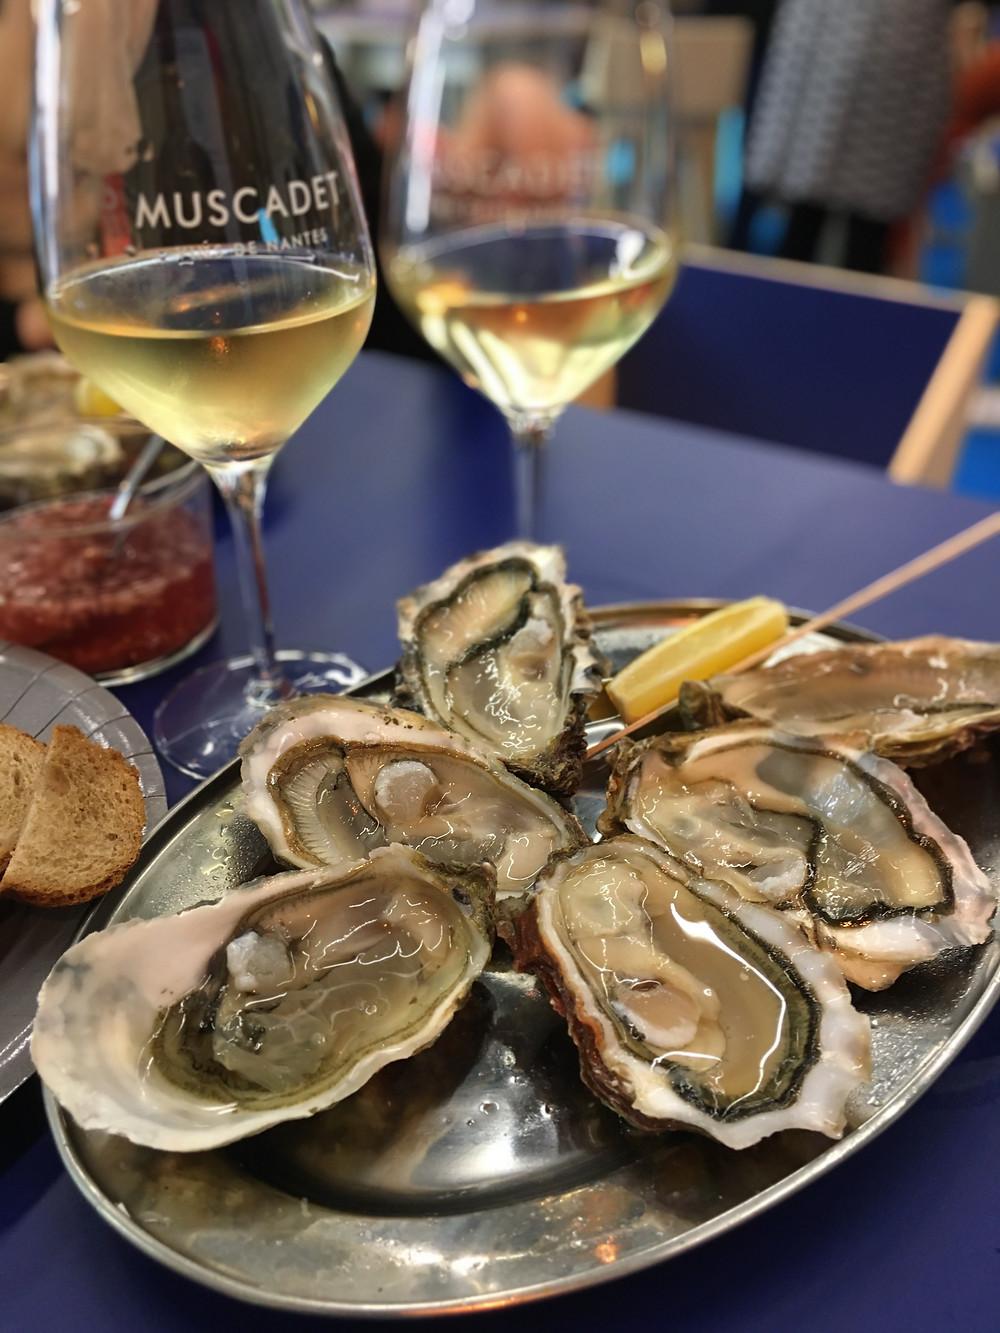 Des huîtres de l'Atlantique avec deux verres de Muscadet sur lie au Salon des Vins de Loire 2020